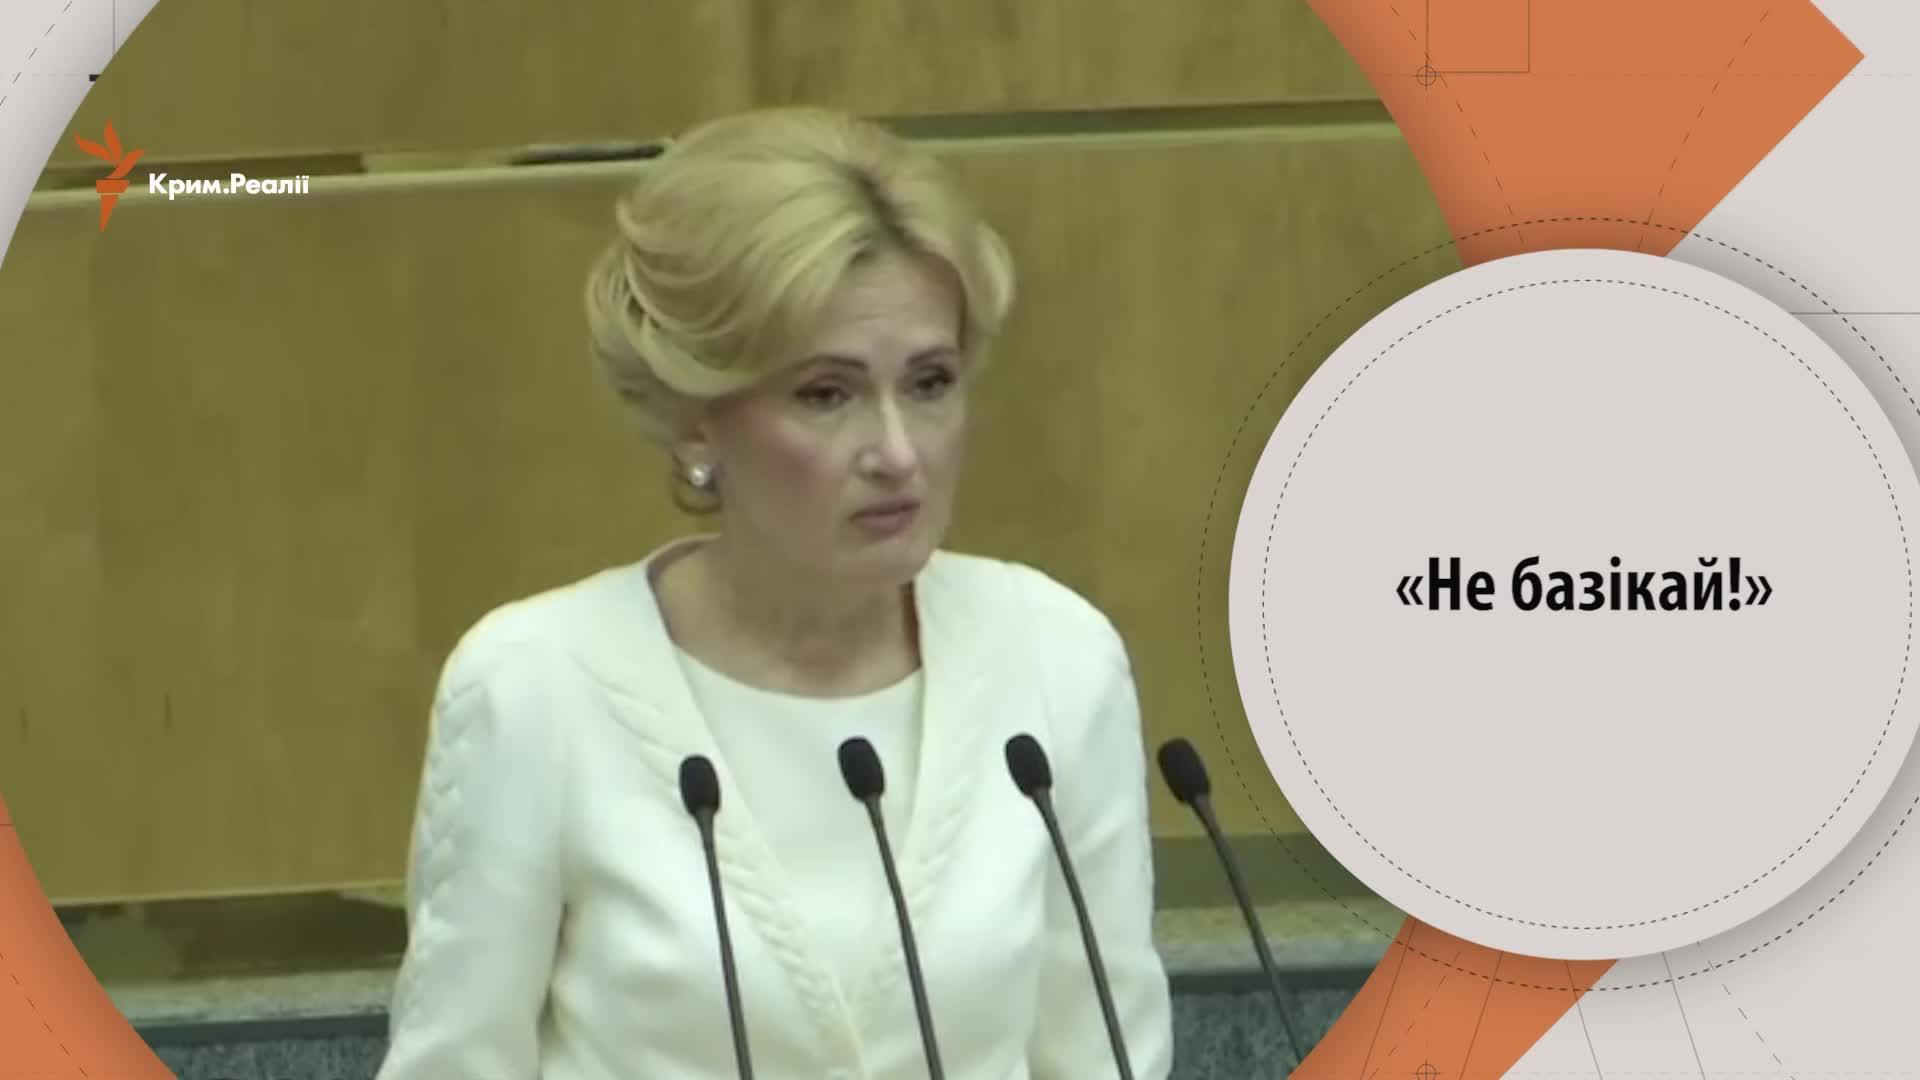 Для расследующего дела Майдана департамента Горбатюка ключевым будет сентябрь, - Луценко - Цензор.НЕТ 1679